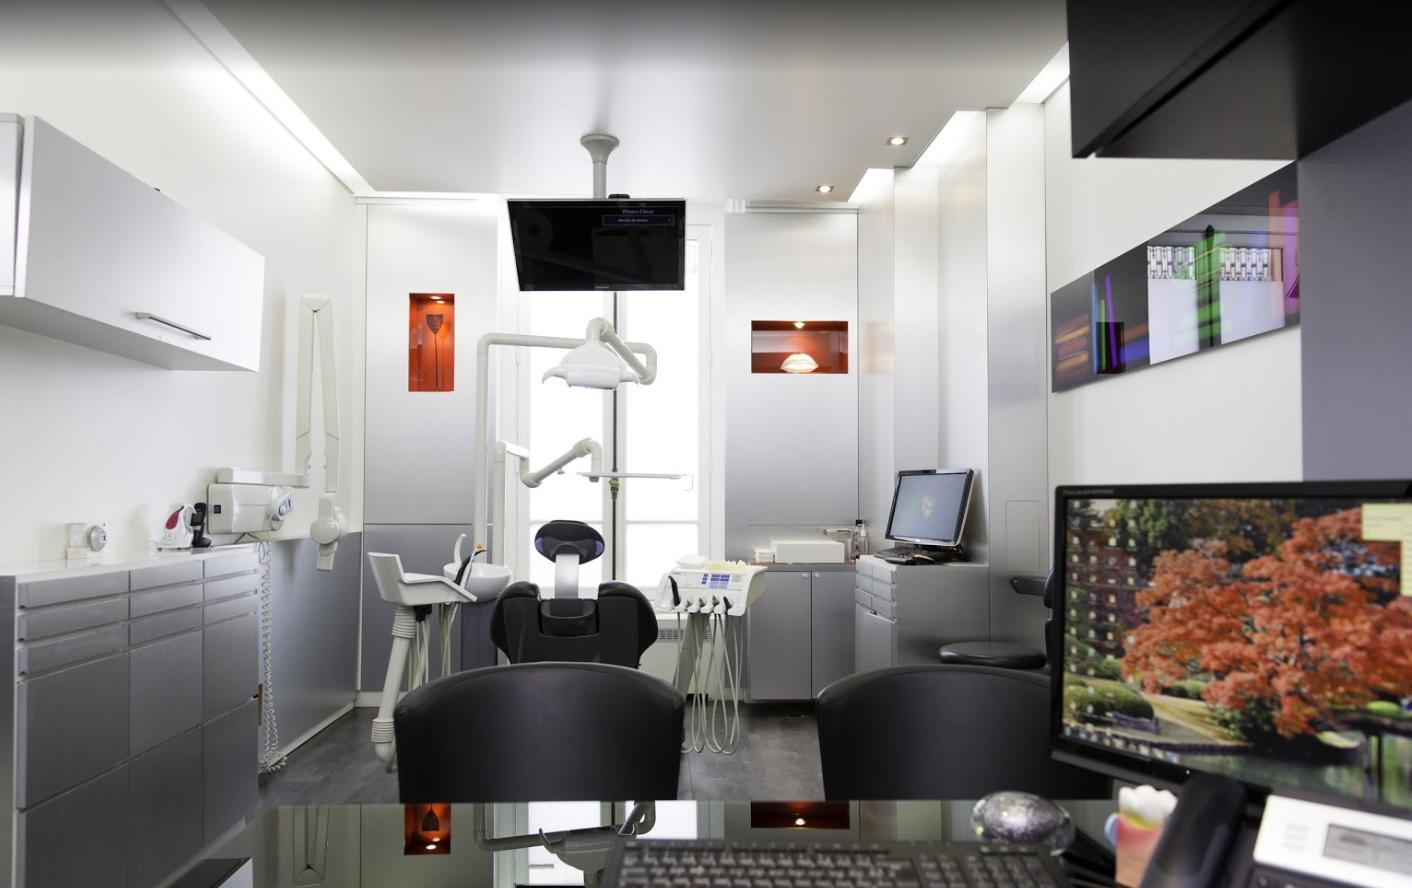 Clinique dentaire : quelles sont les étapes d'une consultation dentaire ?